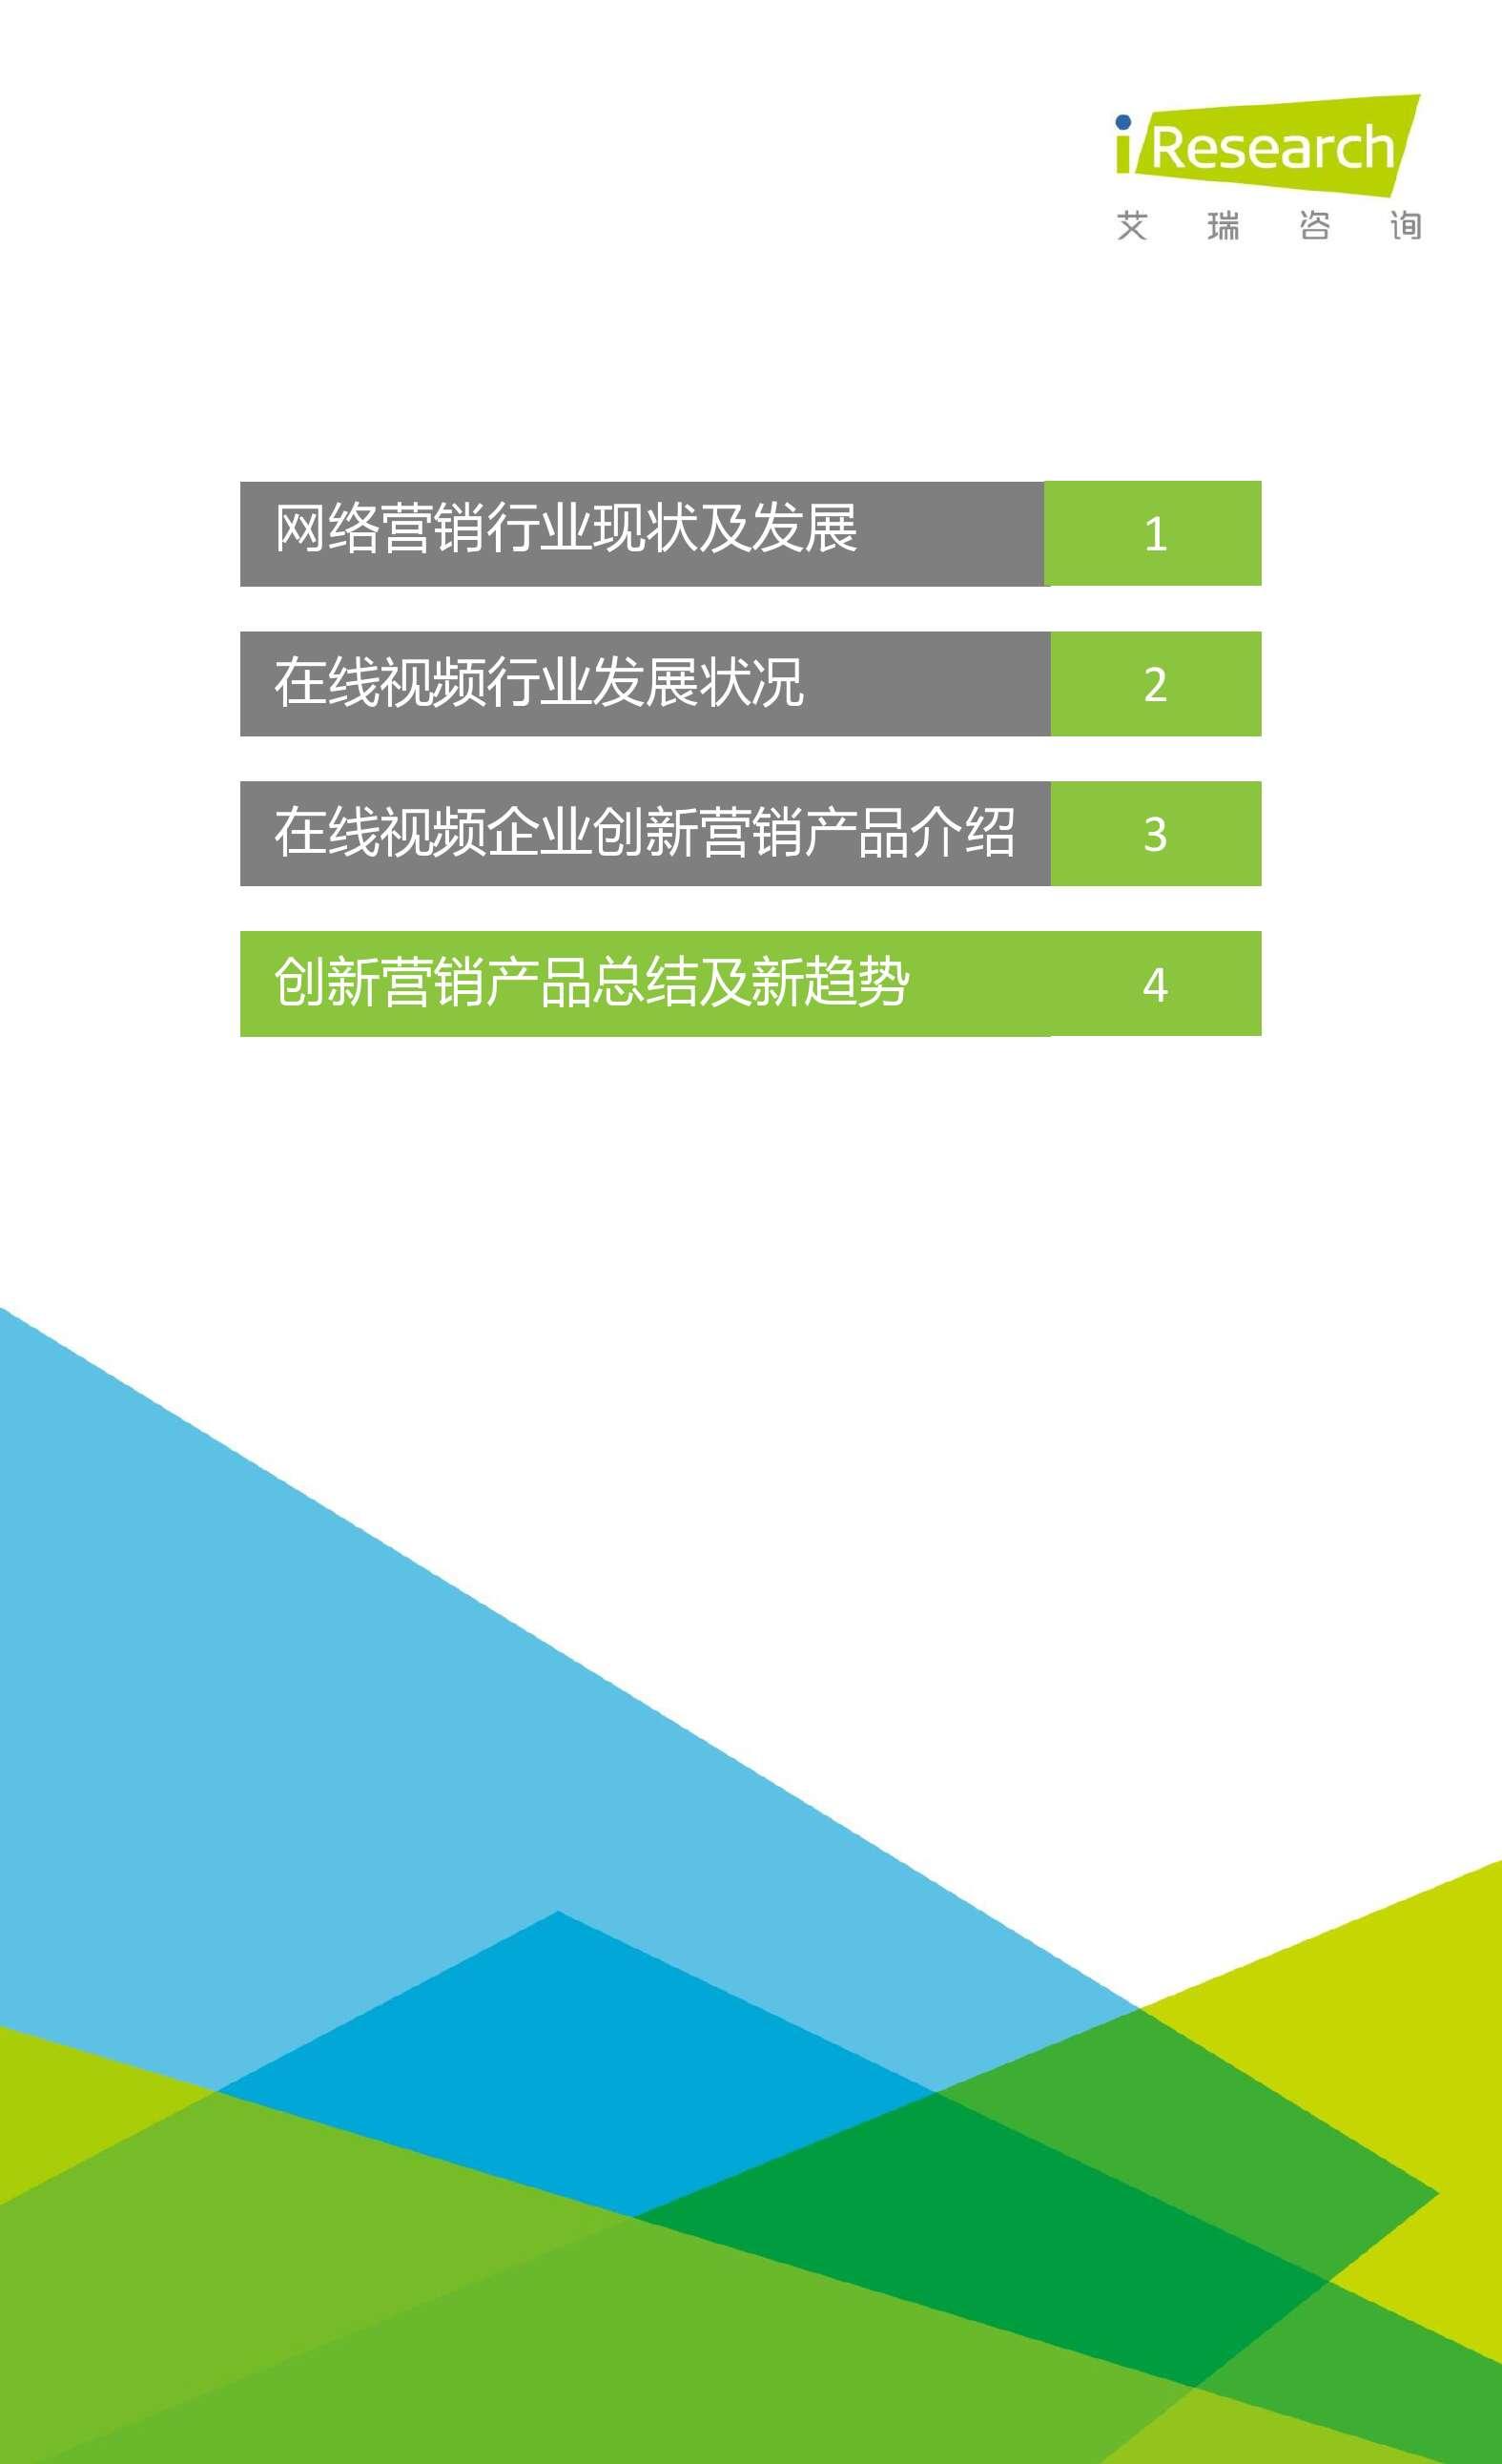 2016年中国在线视频企业创新营销研究_000041